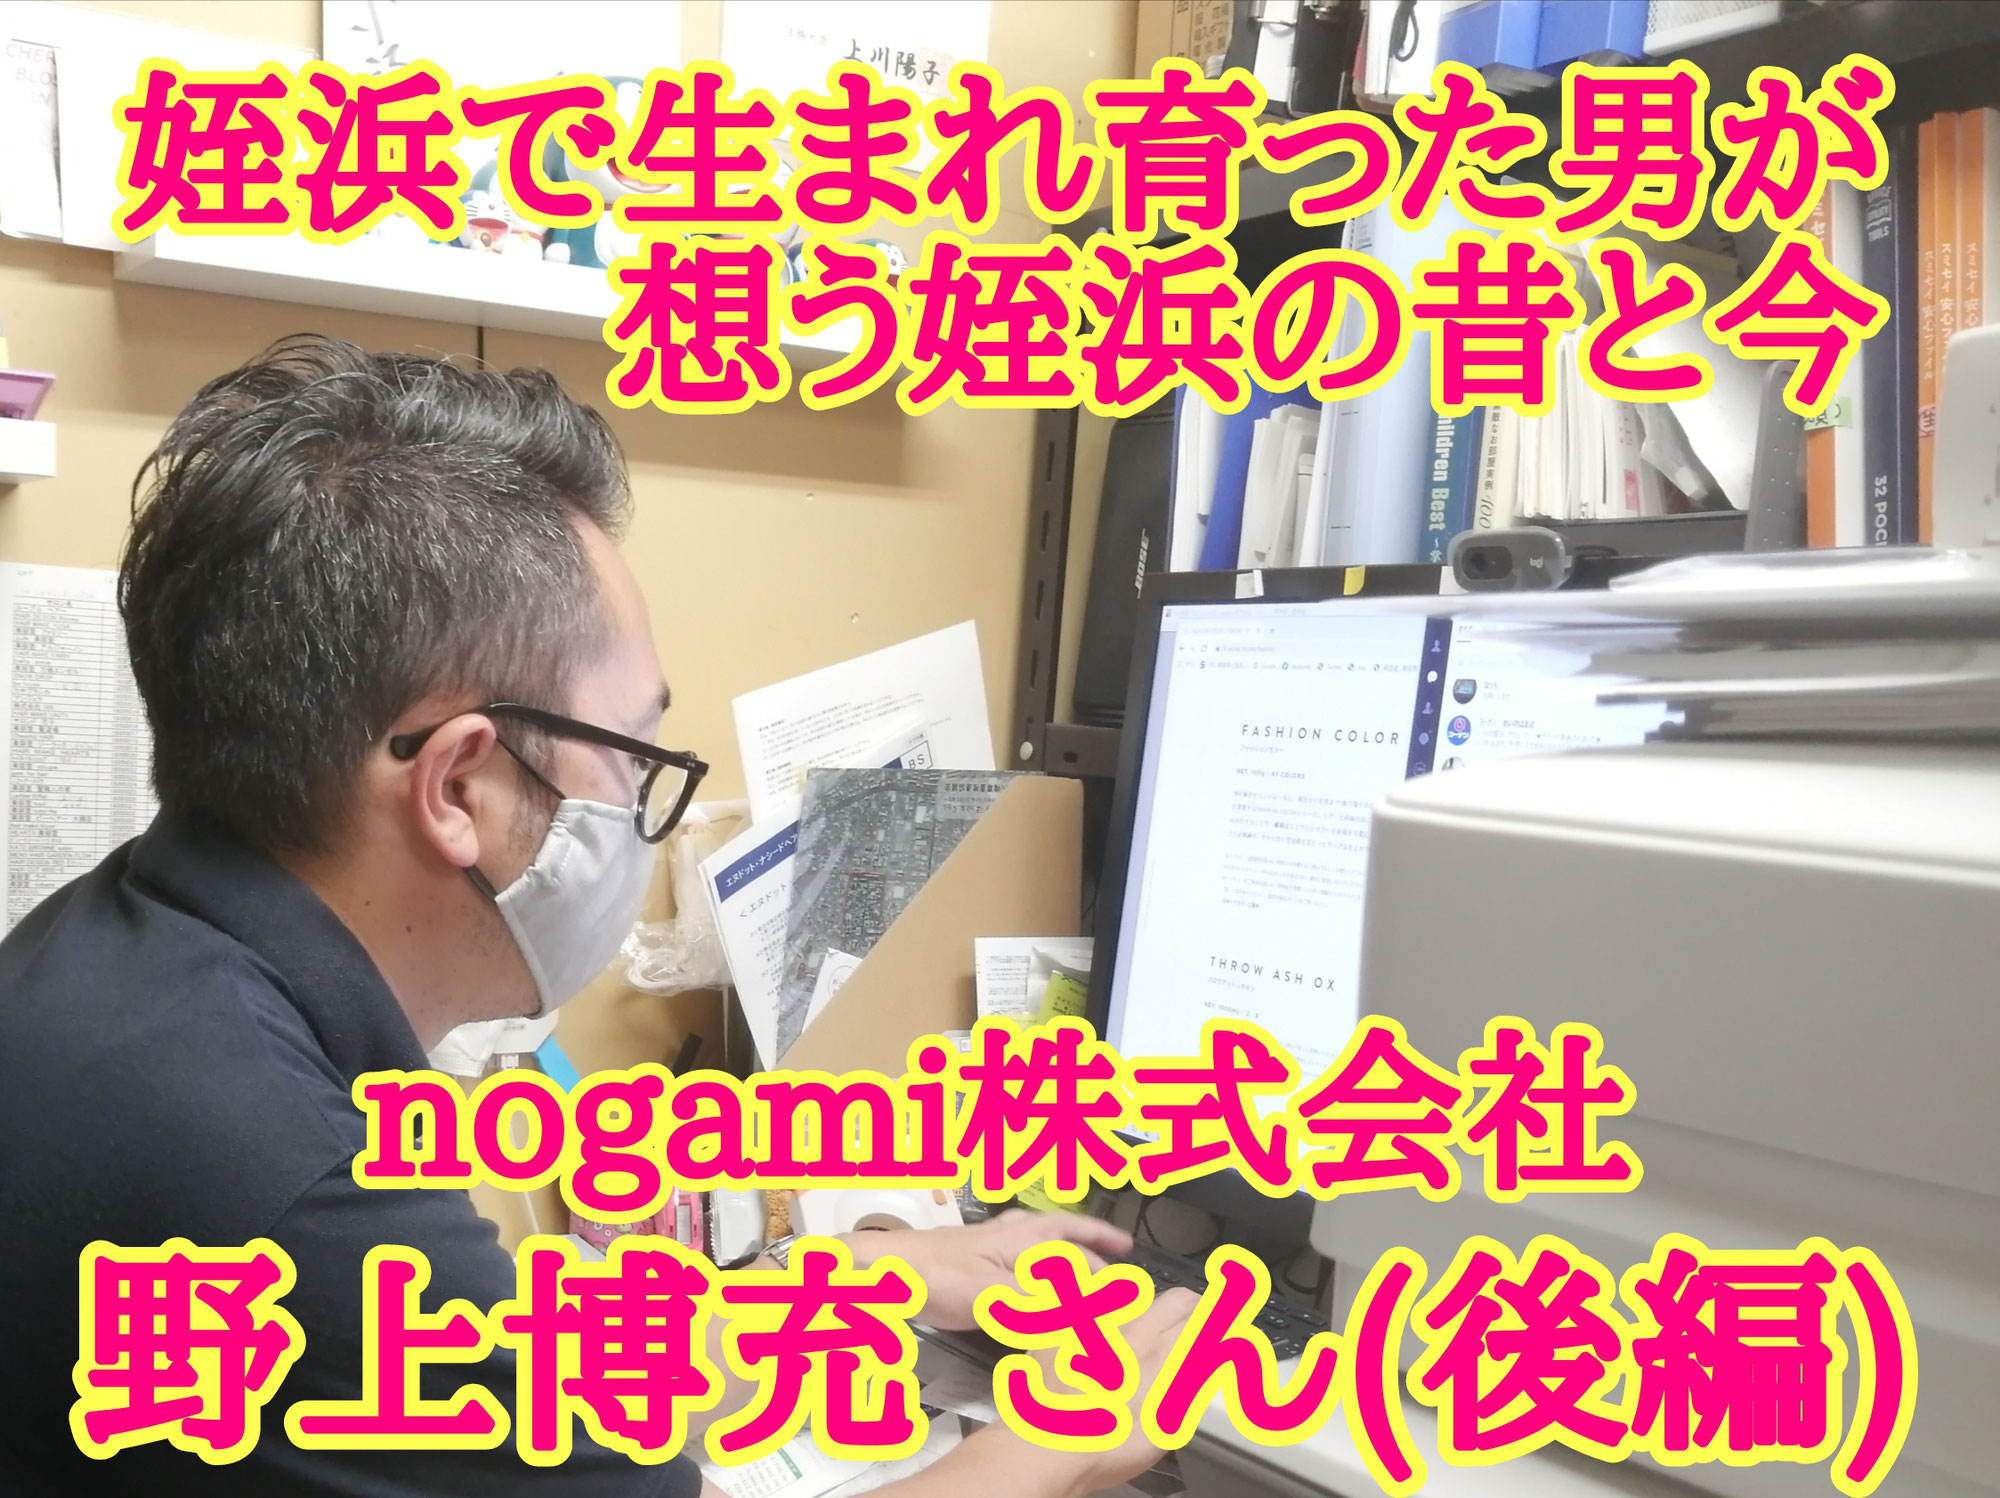 nogami株式会社野上博充 さん┃姪浜で生まれ育った男からみた姪浜の昔と今(後編)